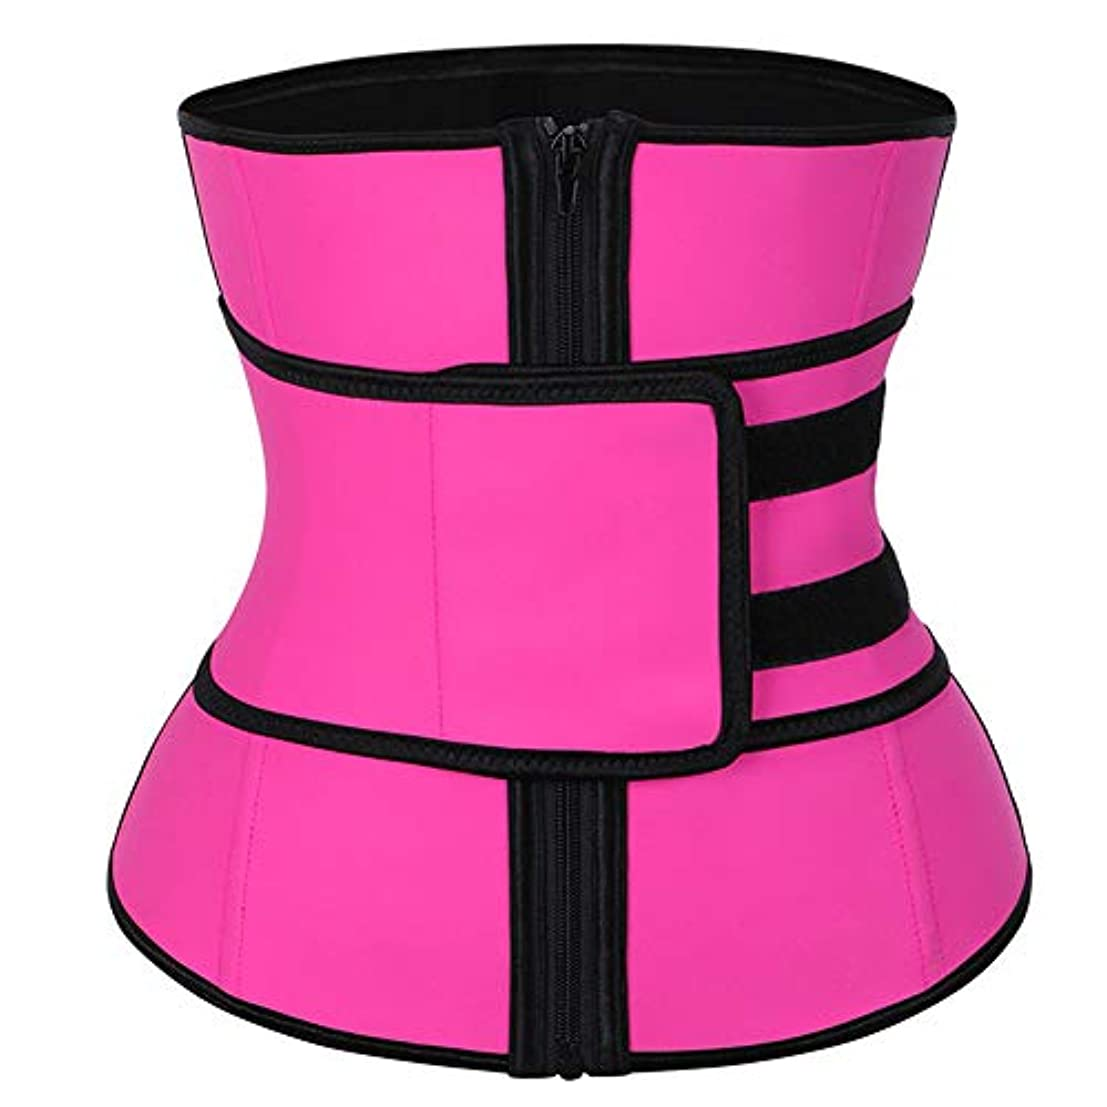 降下湿度時計回り女性のウエストトレーニングコルセットコルセットネオプレン付きジッパーウエストスリムベルトラテックスラテックス通気性ウエストボディシェイプ,Pink,XL